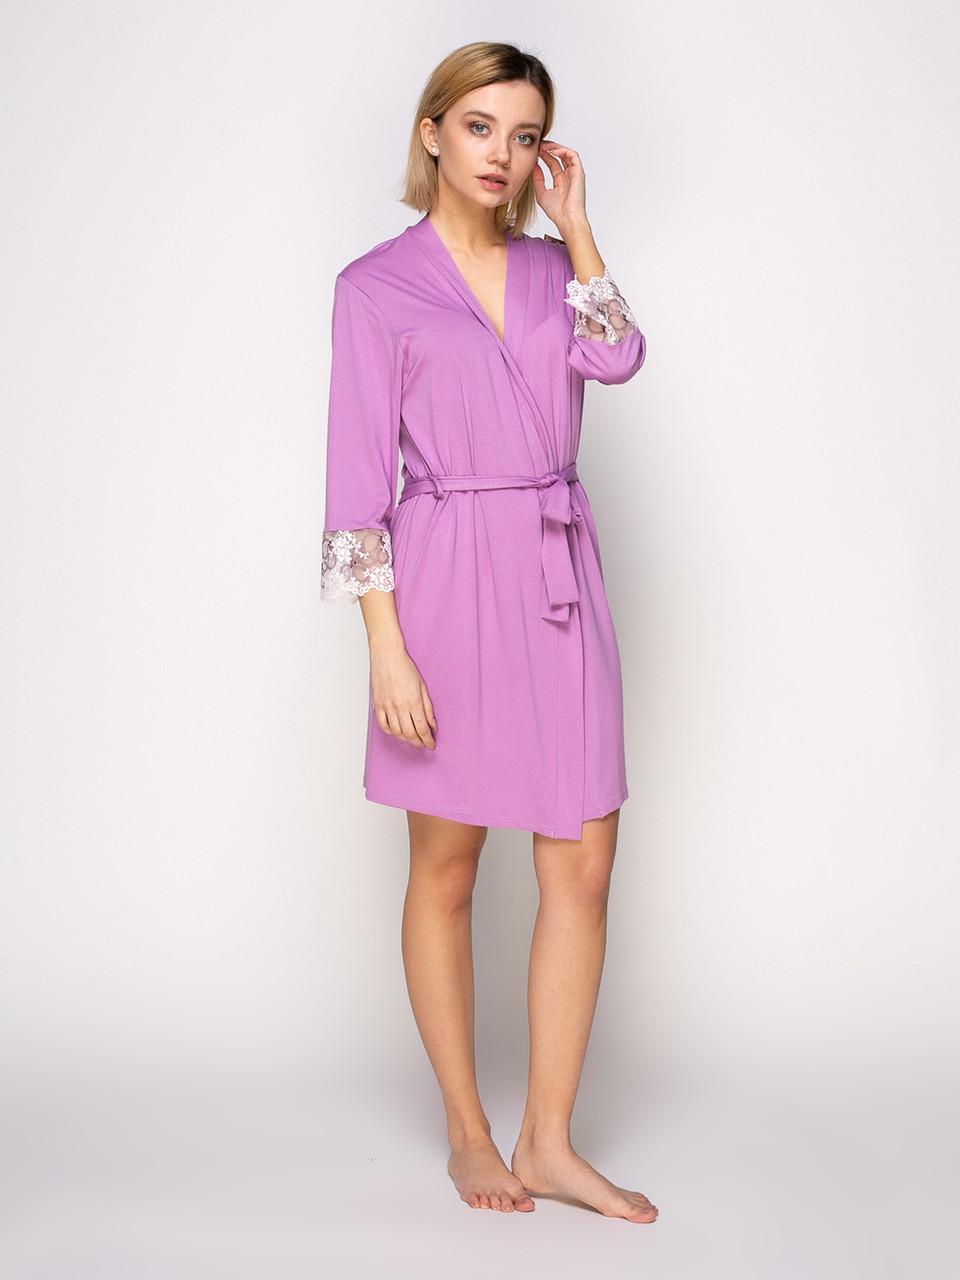 Комплект сорочка и халат, вискоза с кружевом Serenade розовый